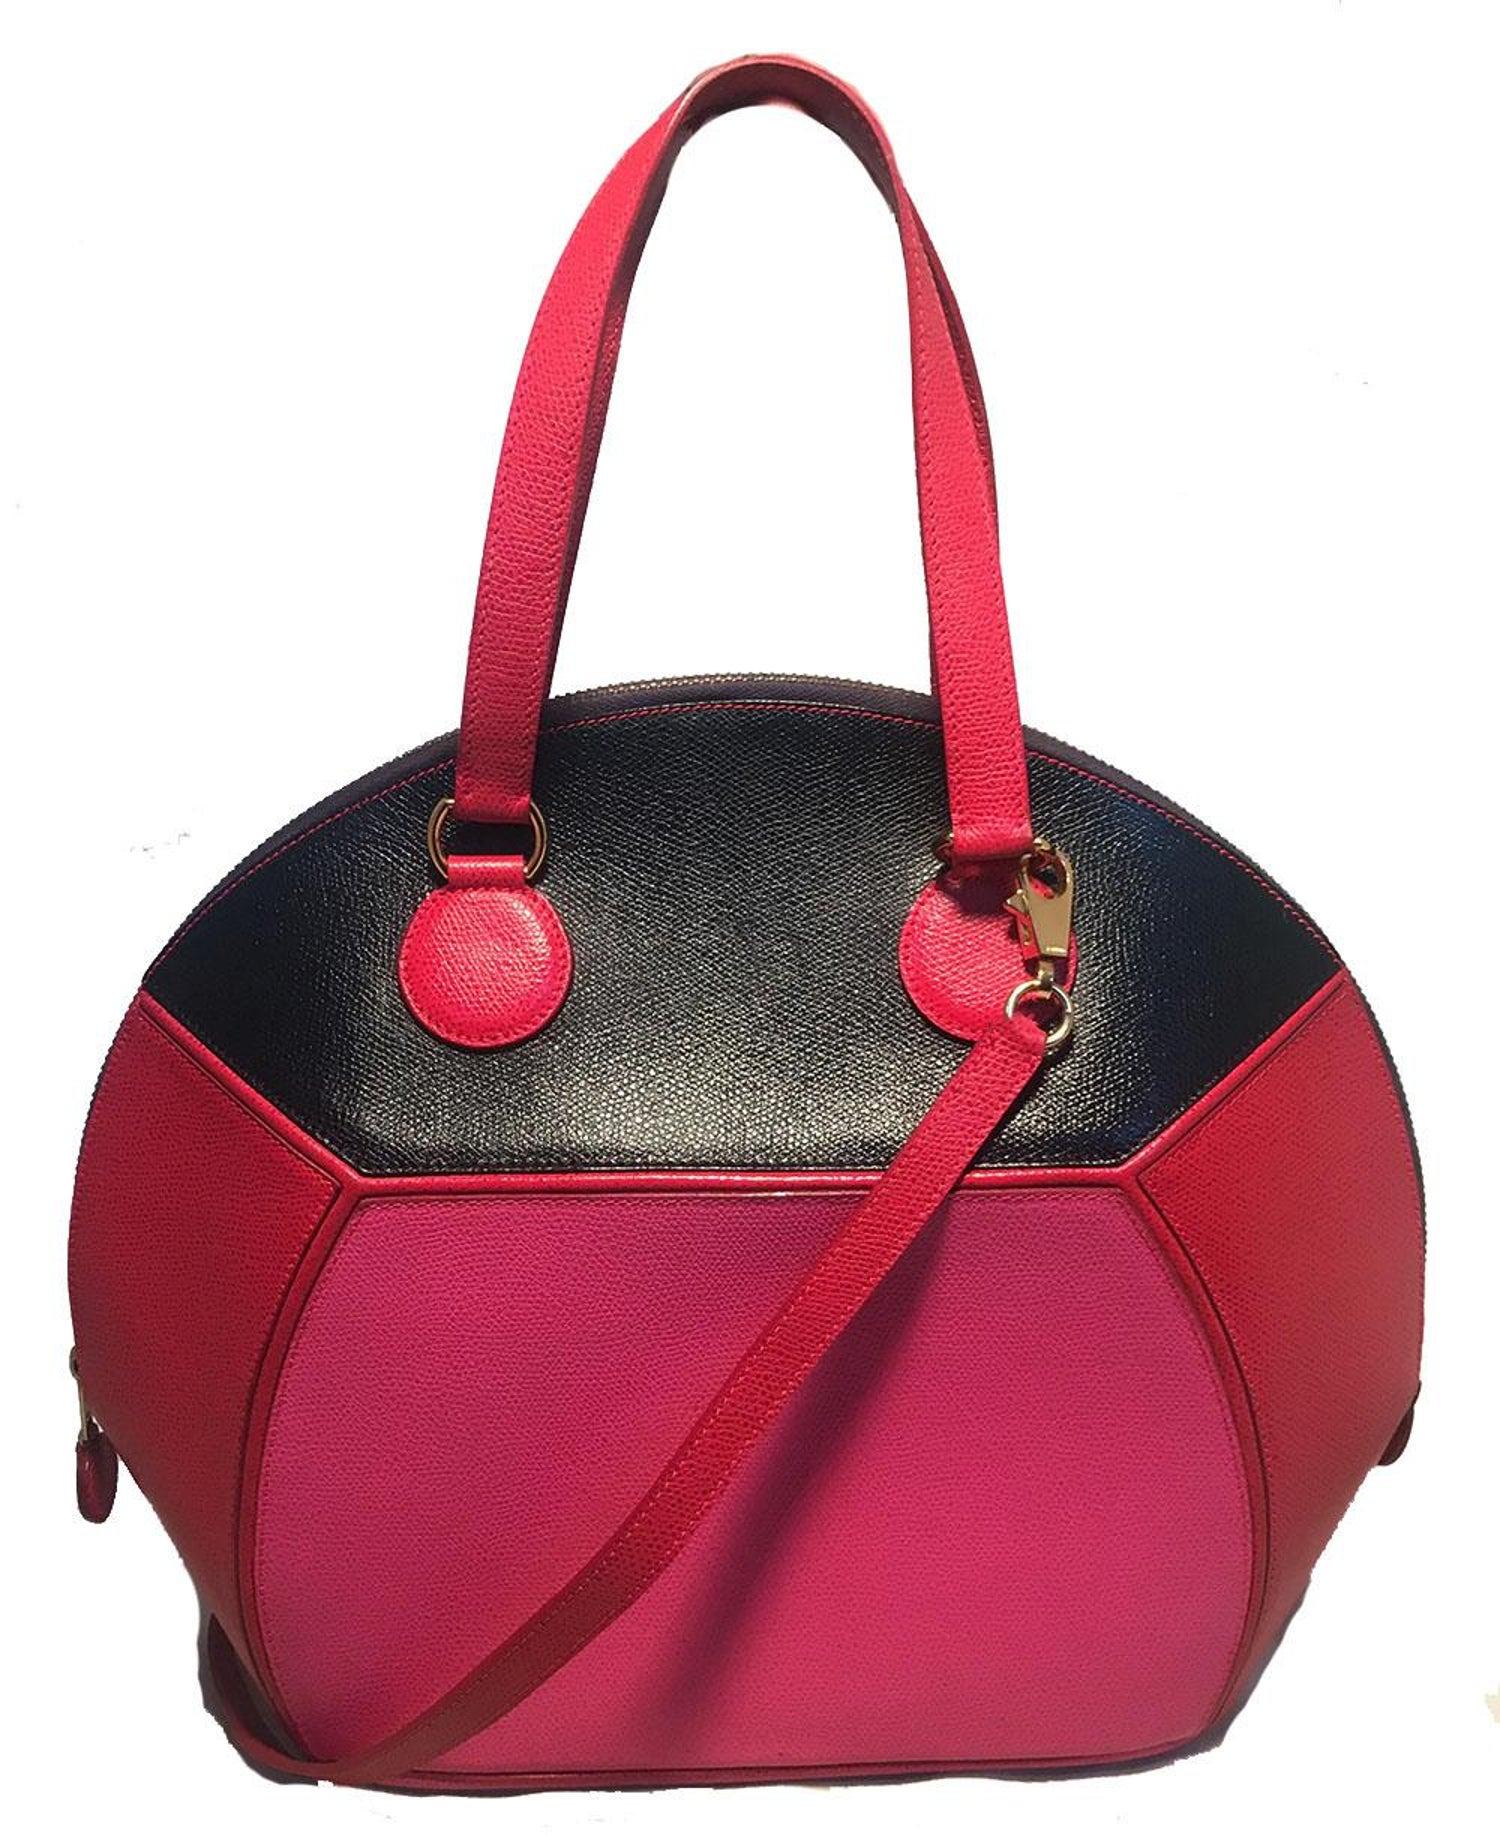 Hermes Vintage Pink Red Black Color Block Epsom Round Ellipse Handbag For  Sale at 1stdibs